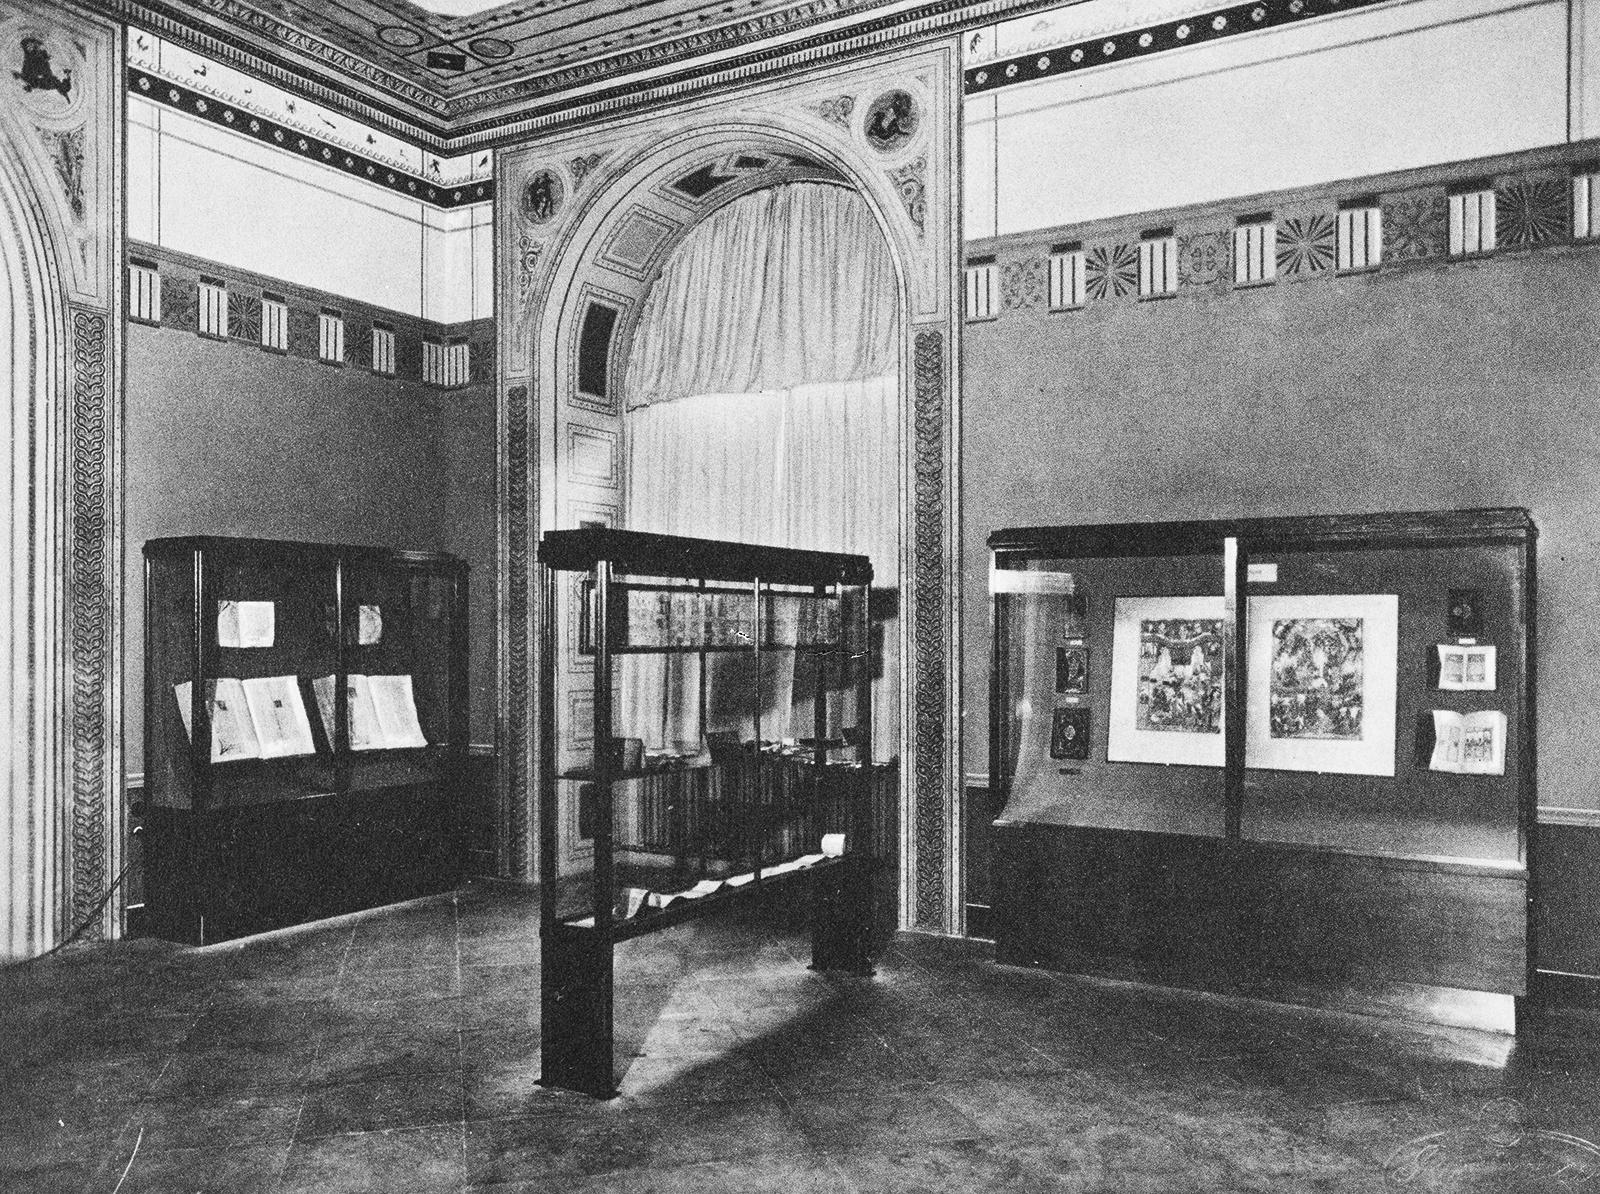 12_Sächsische Landesbibliothek im Japanischen Palais.jpg